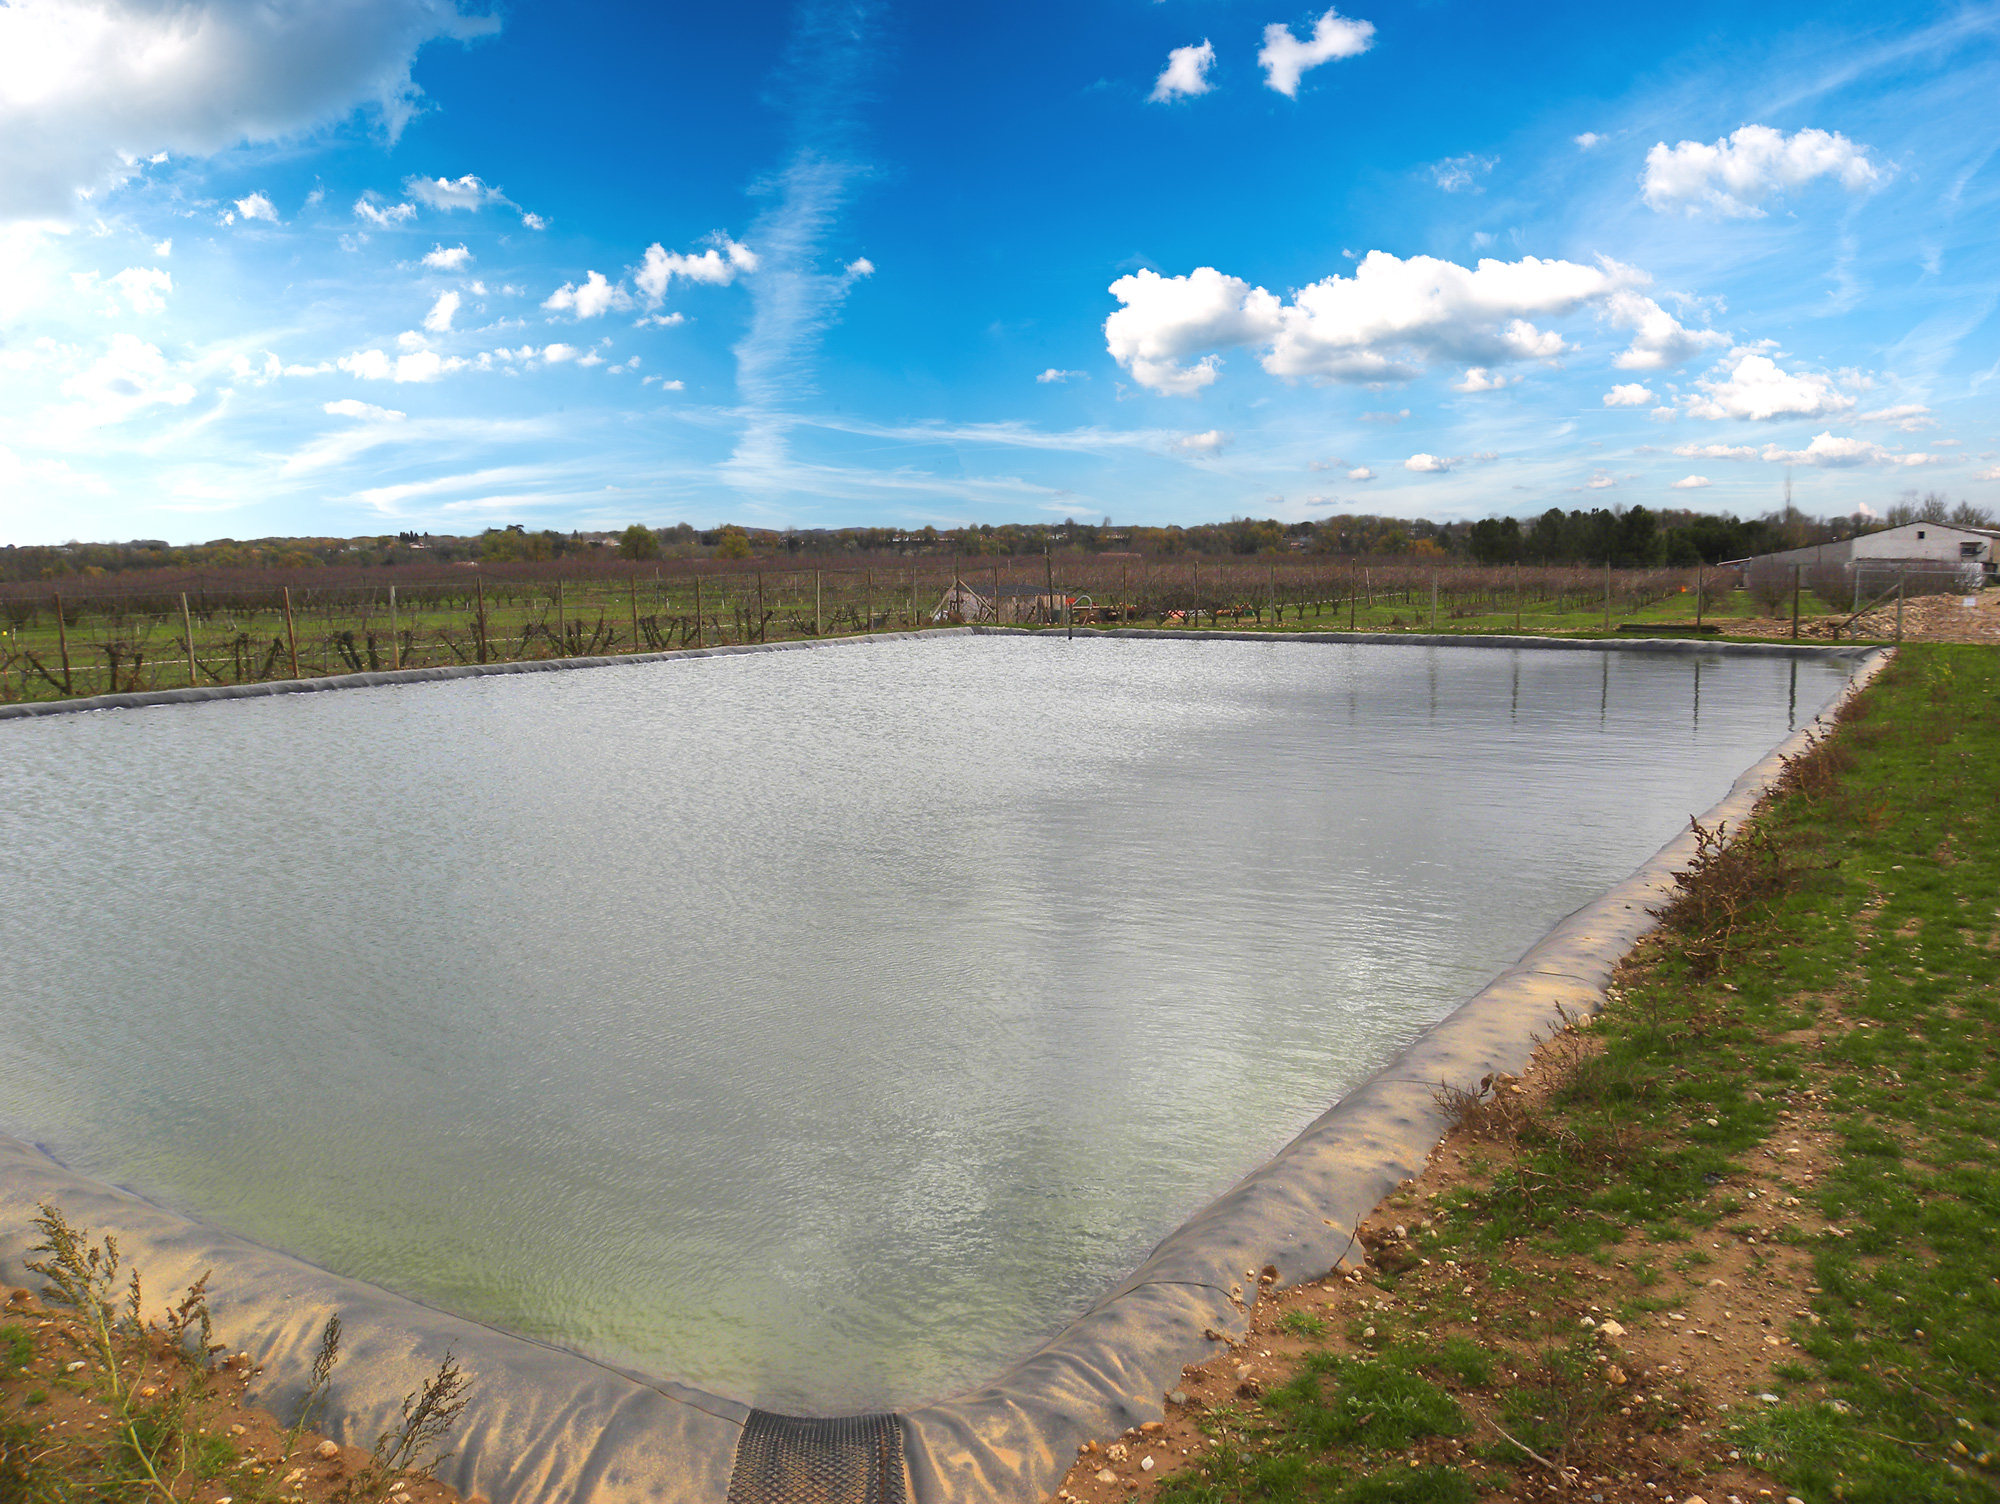 Comment Faire Un Etang Avec Une Bache bassin d'irrigation, stockage géomembrane, diva plastiques